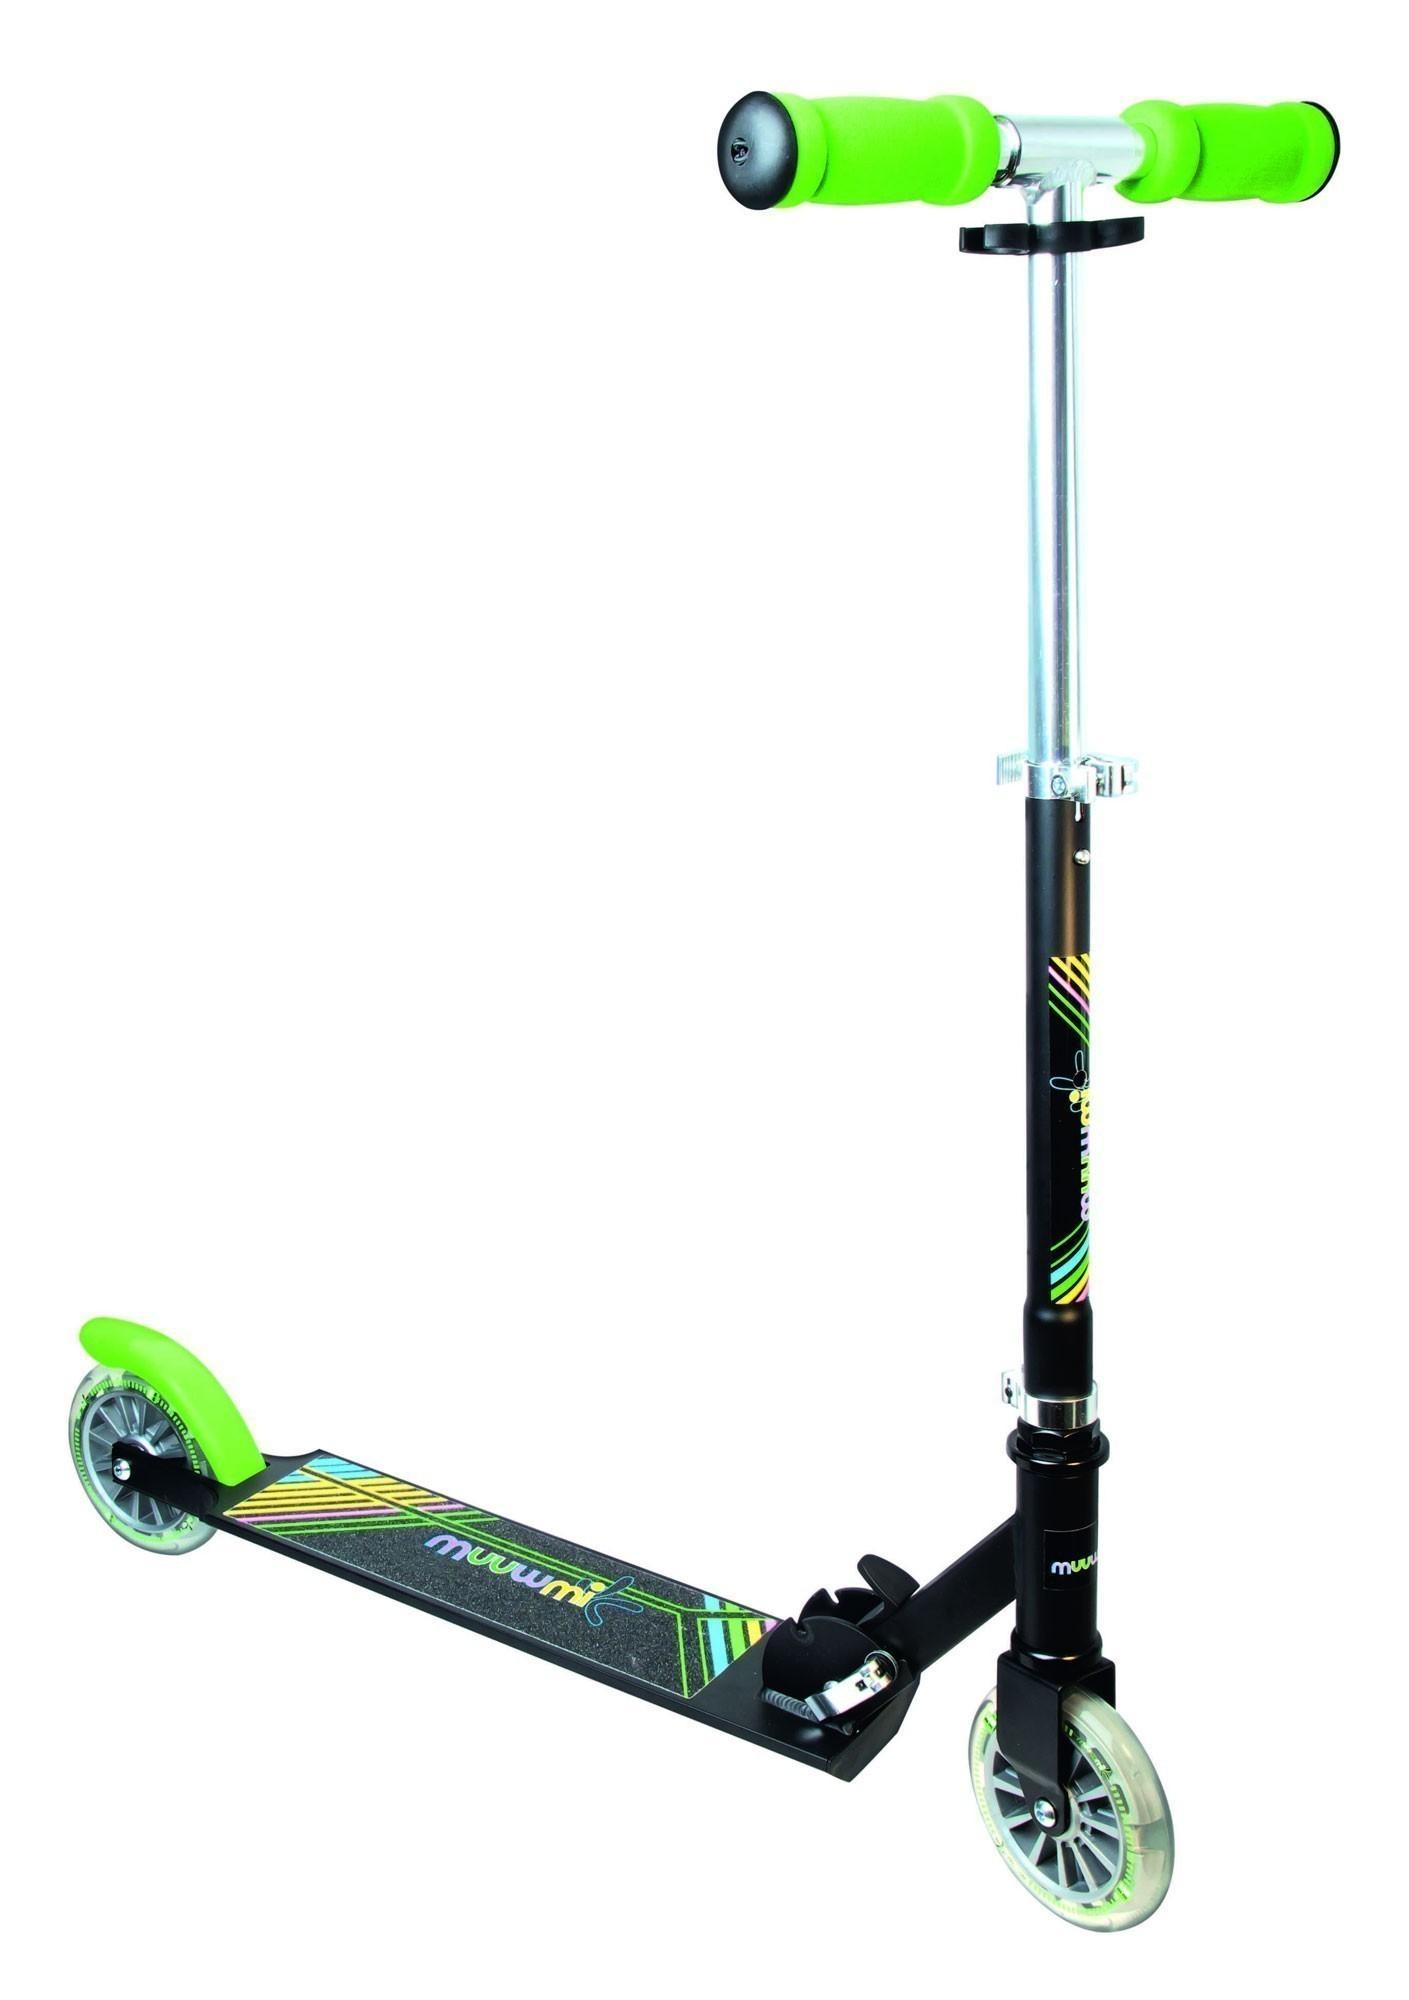 Alu Scooter / Cityroller Muuwmi 125 Neon grün schwarz Bild 1